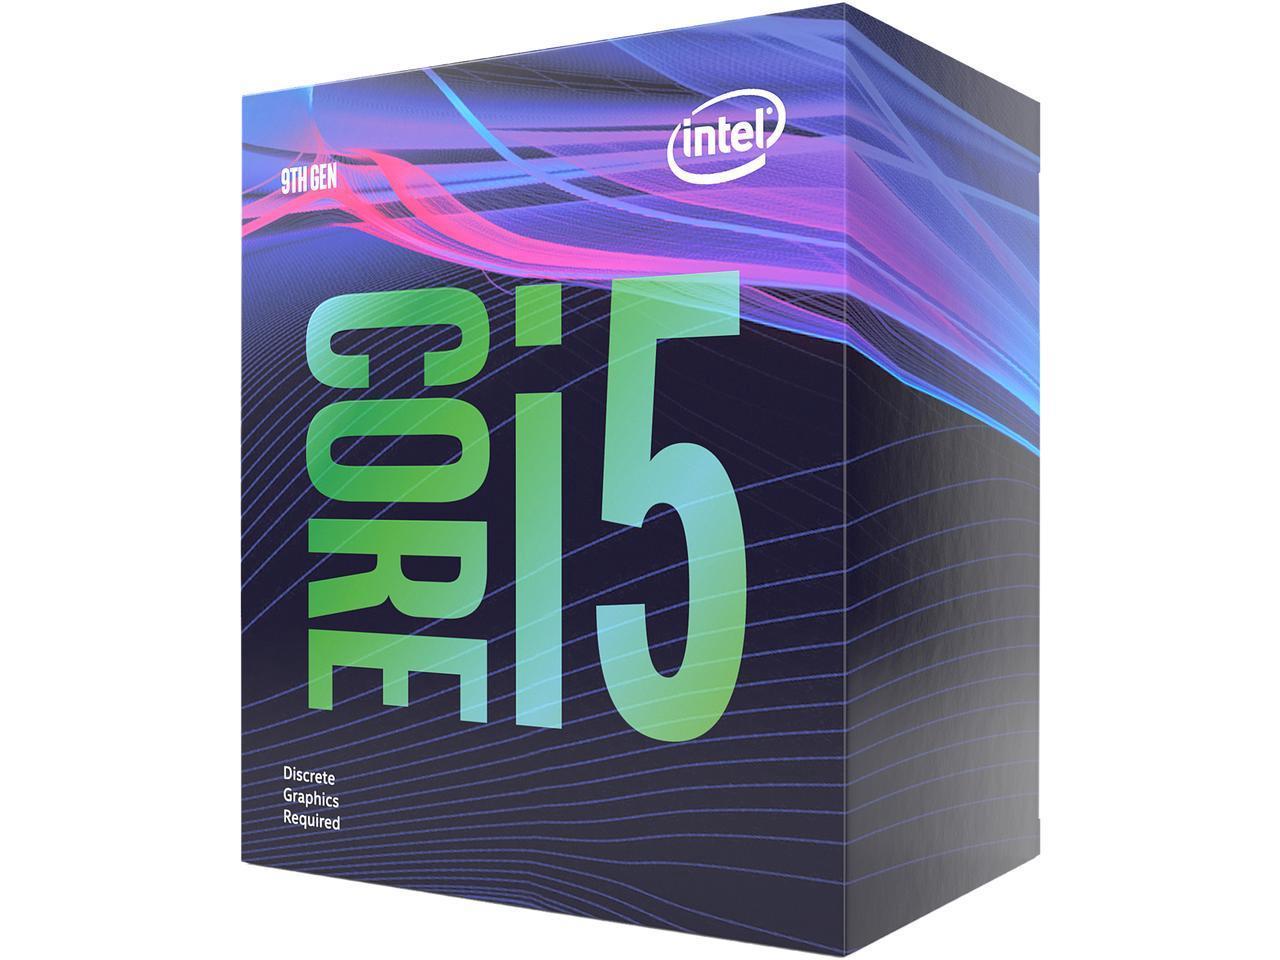 Intel core i5-9400f desktop processor $127.02